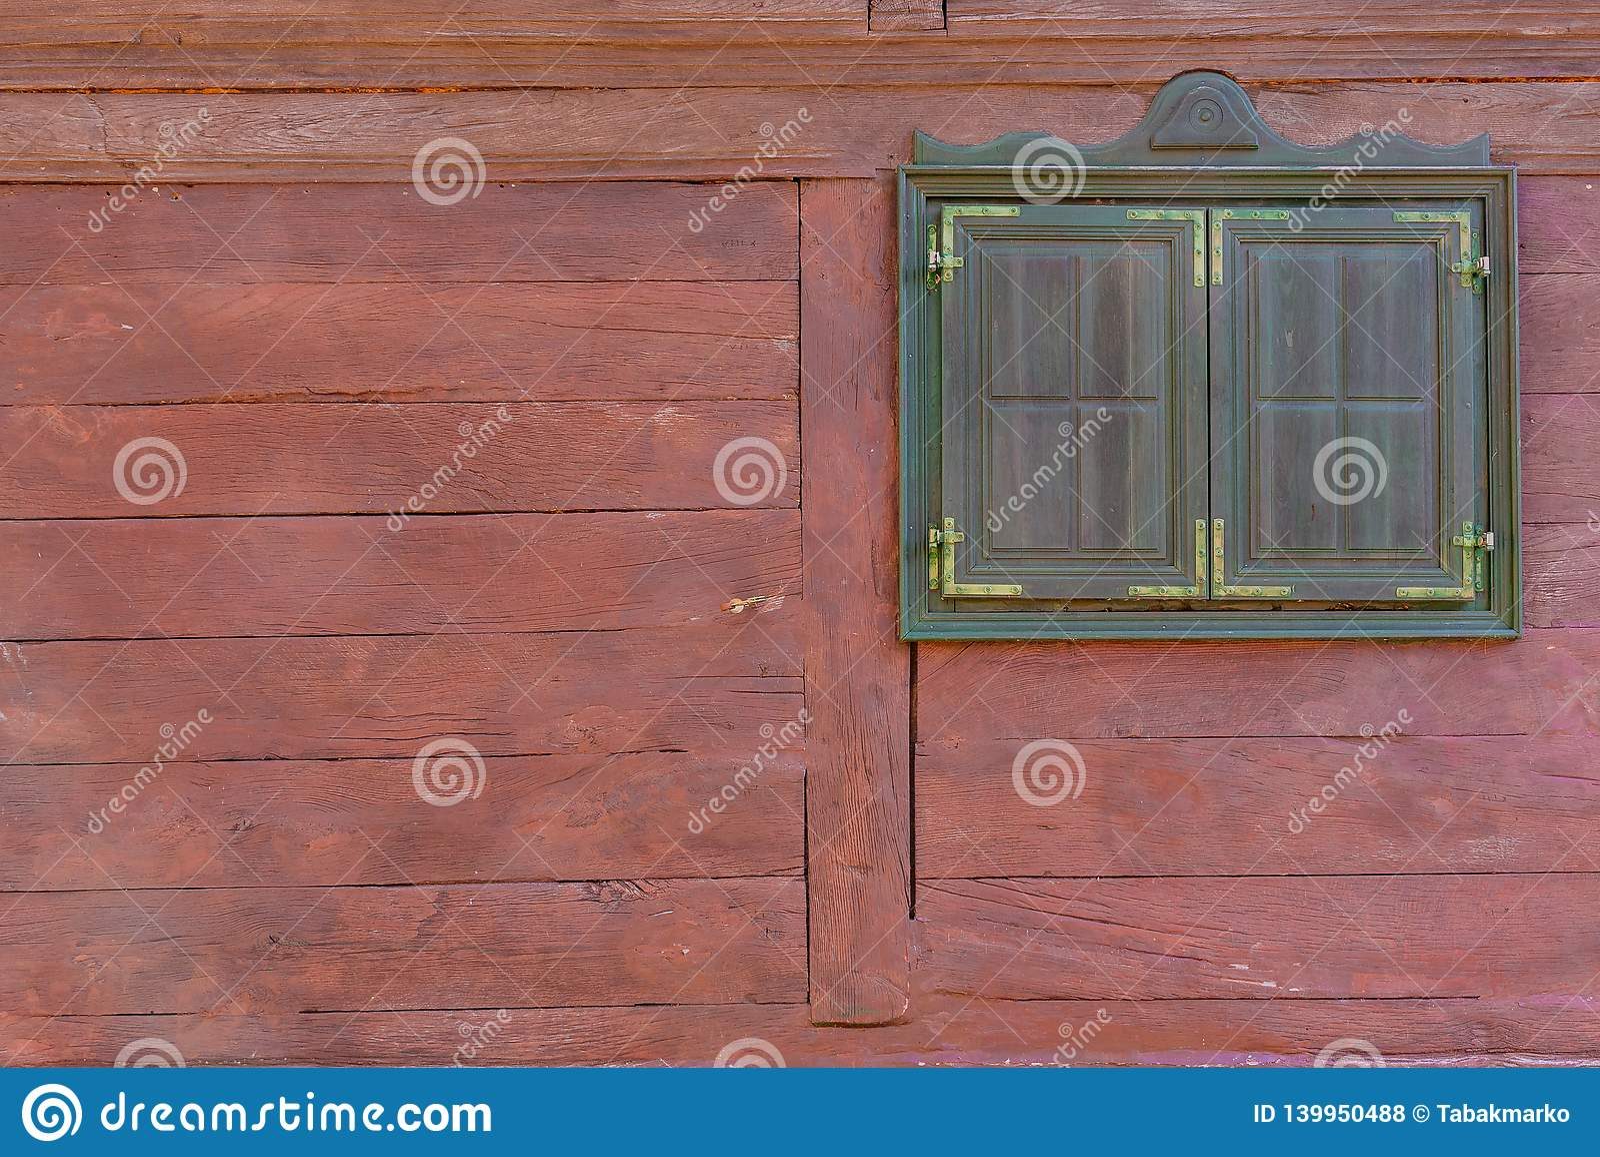 Ein braunes Fenster auf einer roten hölzernen Kabinenwand